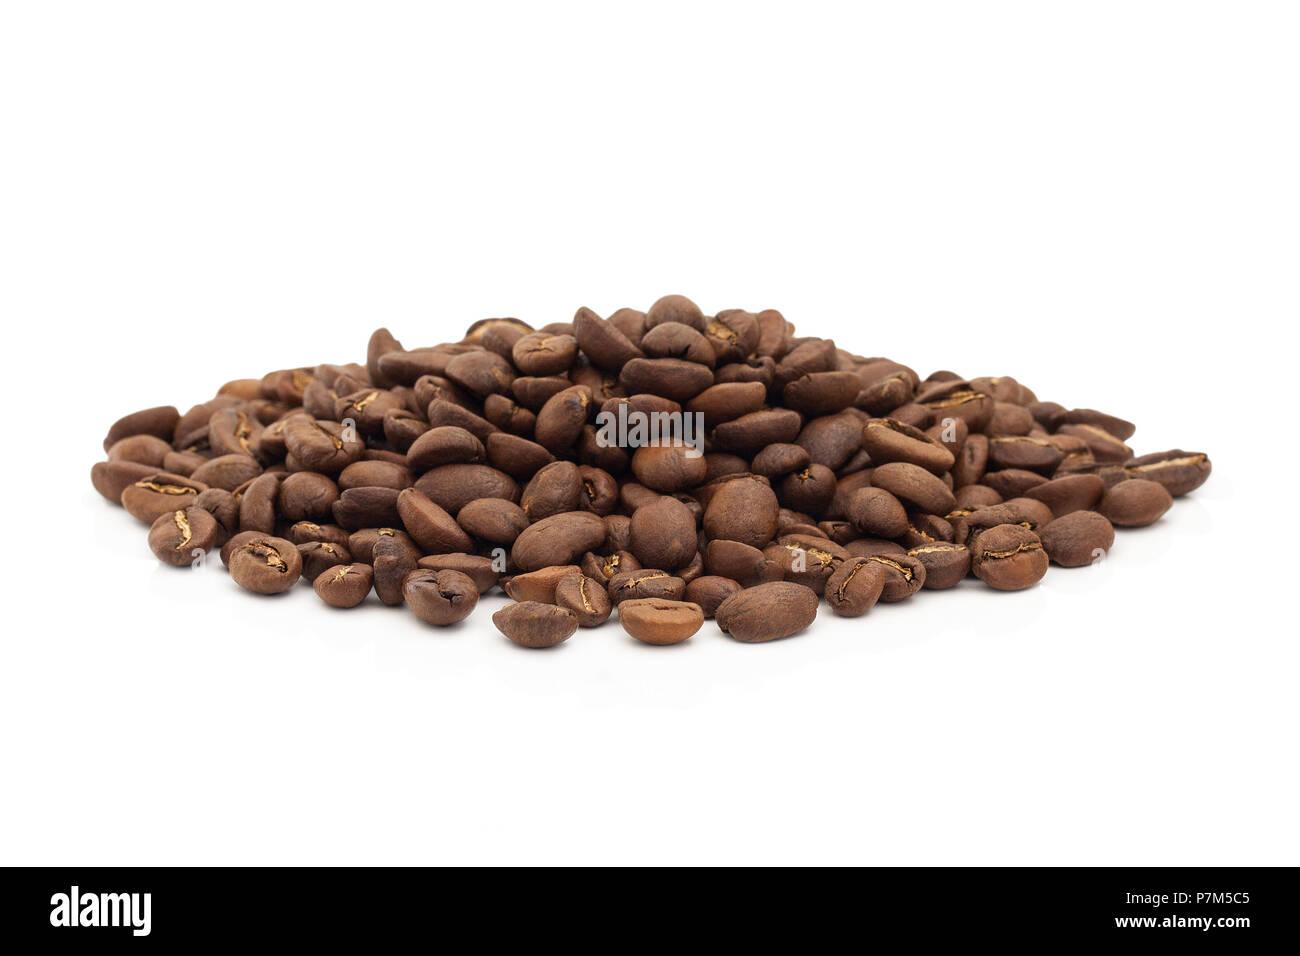 Un tas de grains de café isolé sur un fond blanc. Photo Stock